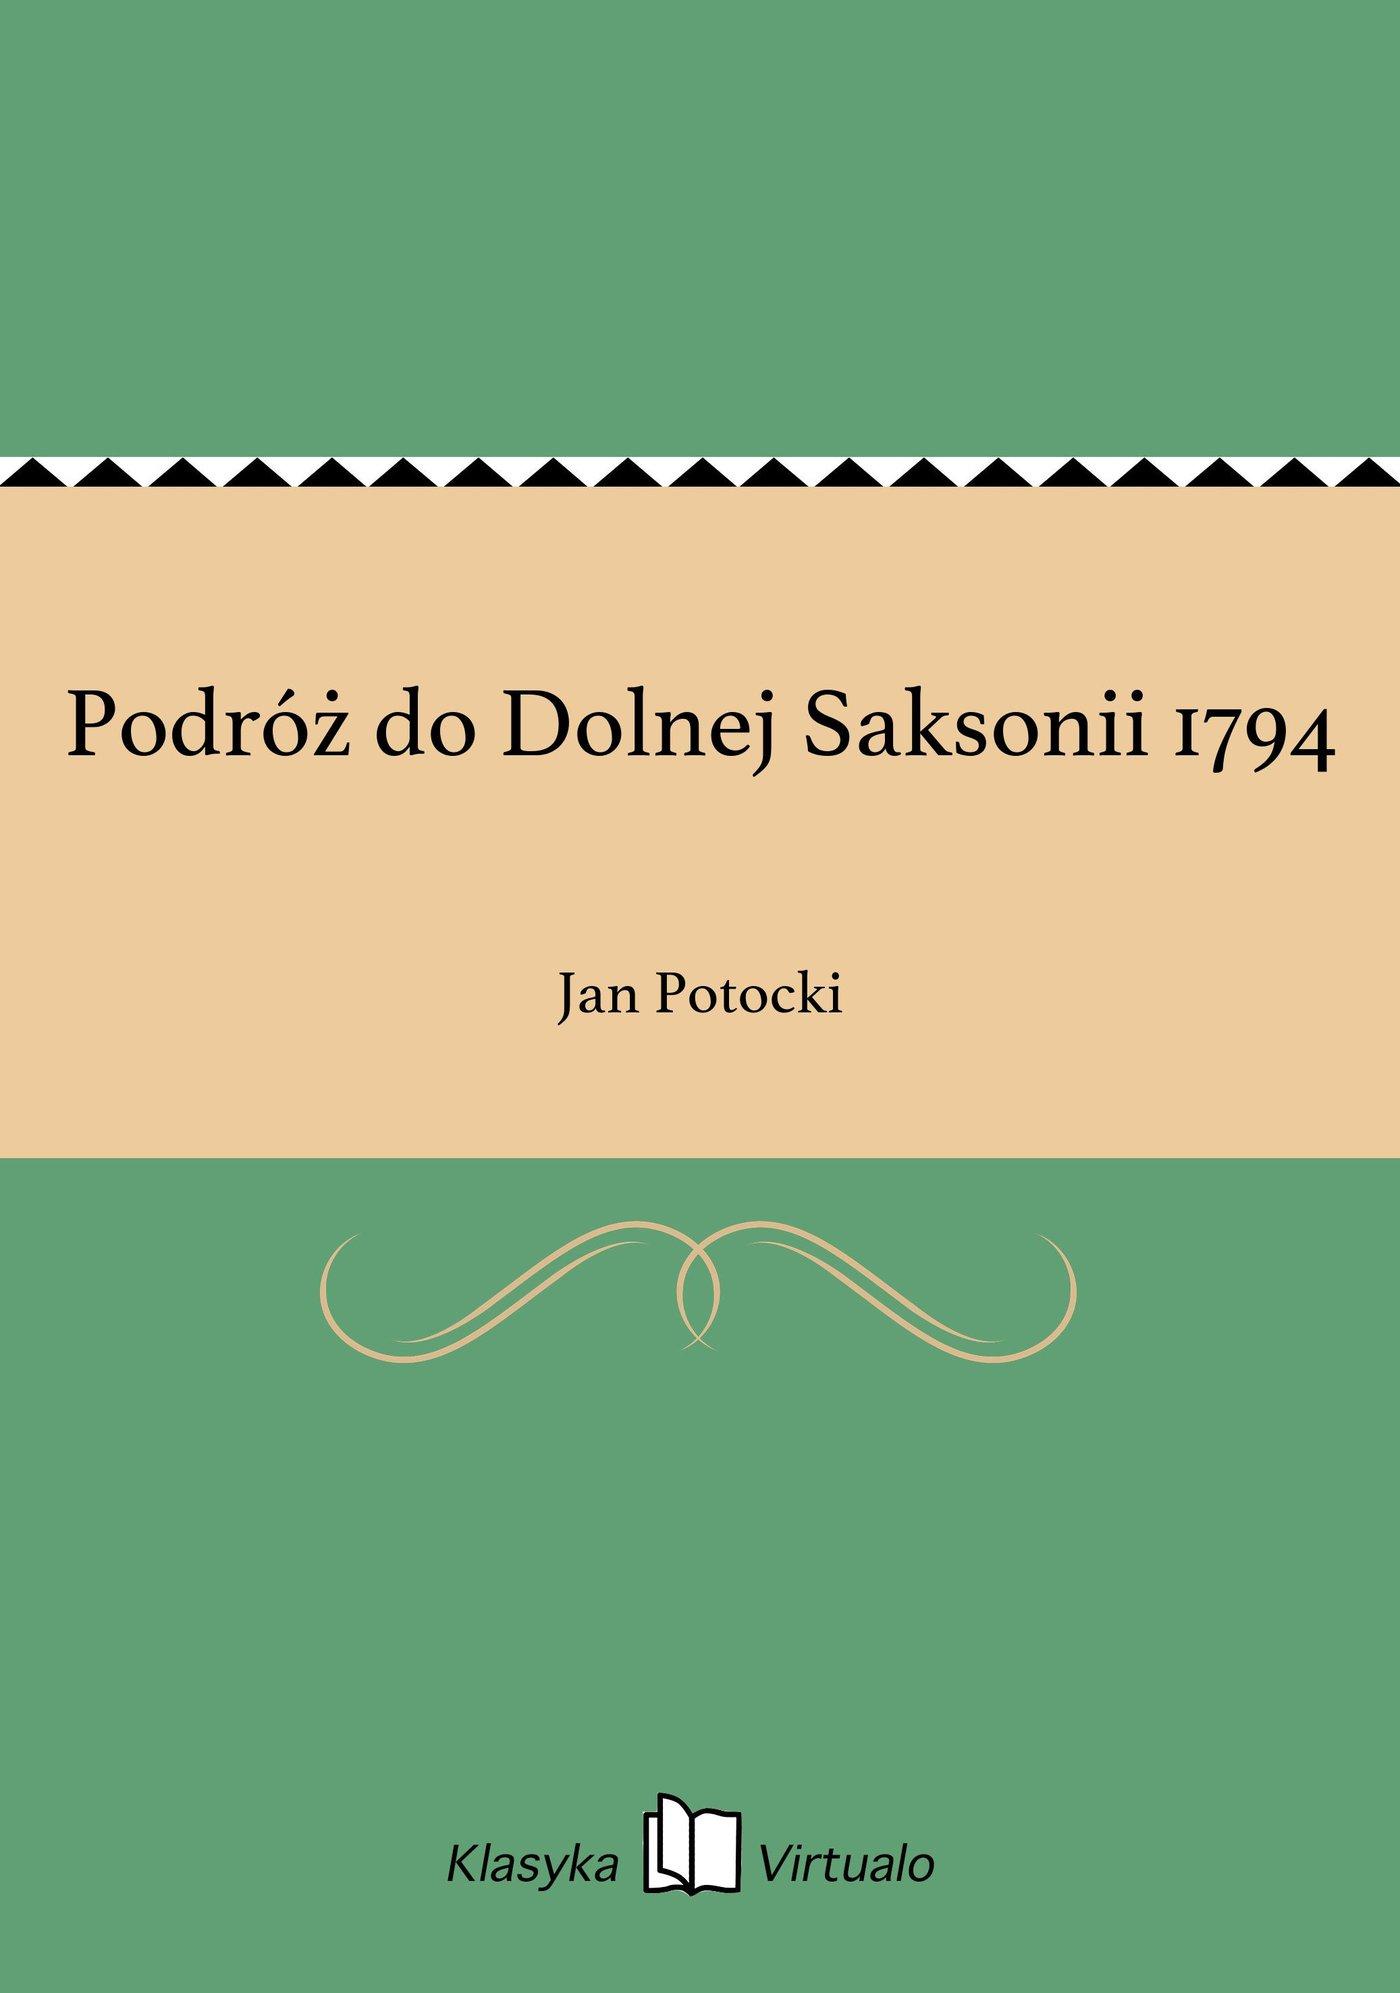 Podróż do Dolnej Saksonii 1794 - Ebook (Książka EPUB) do pobrania w formacie EPUB